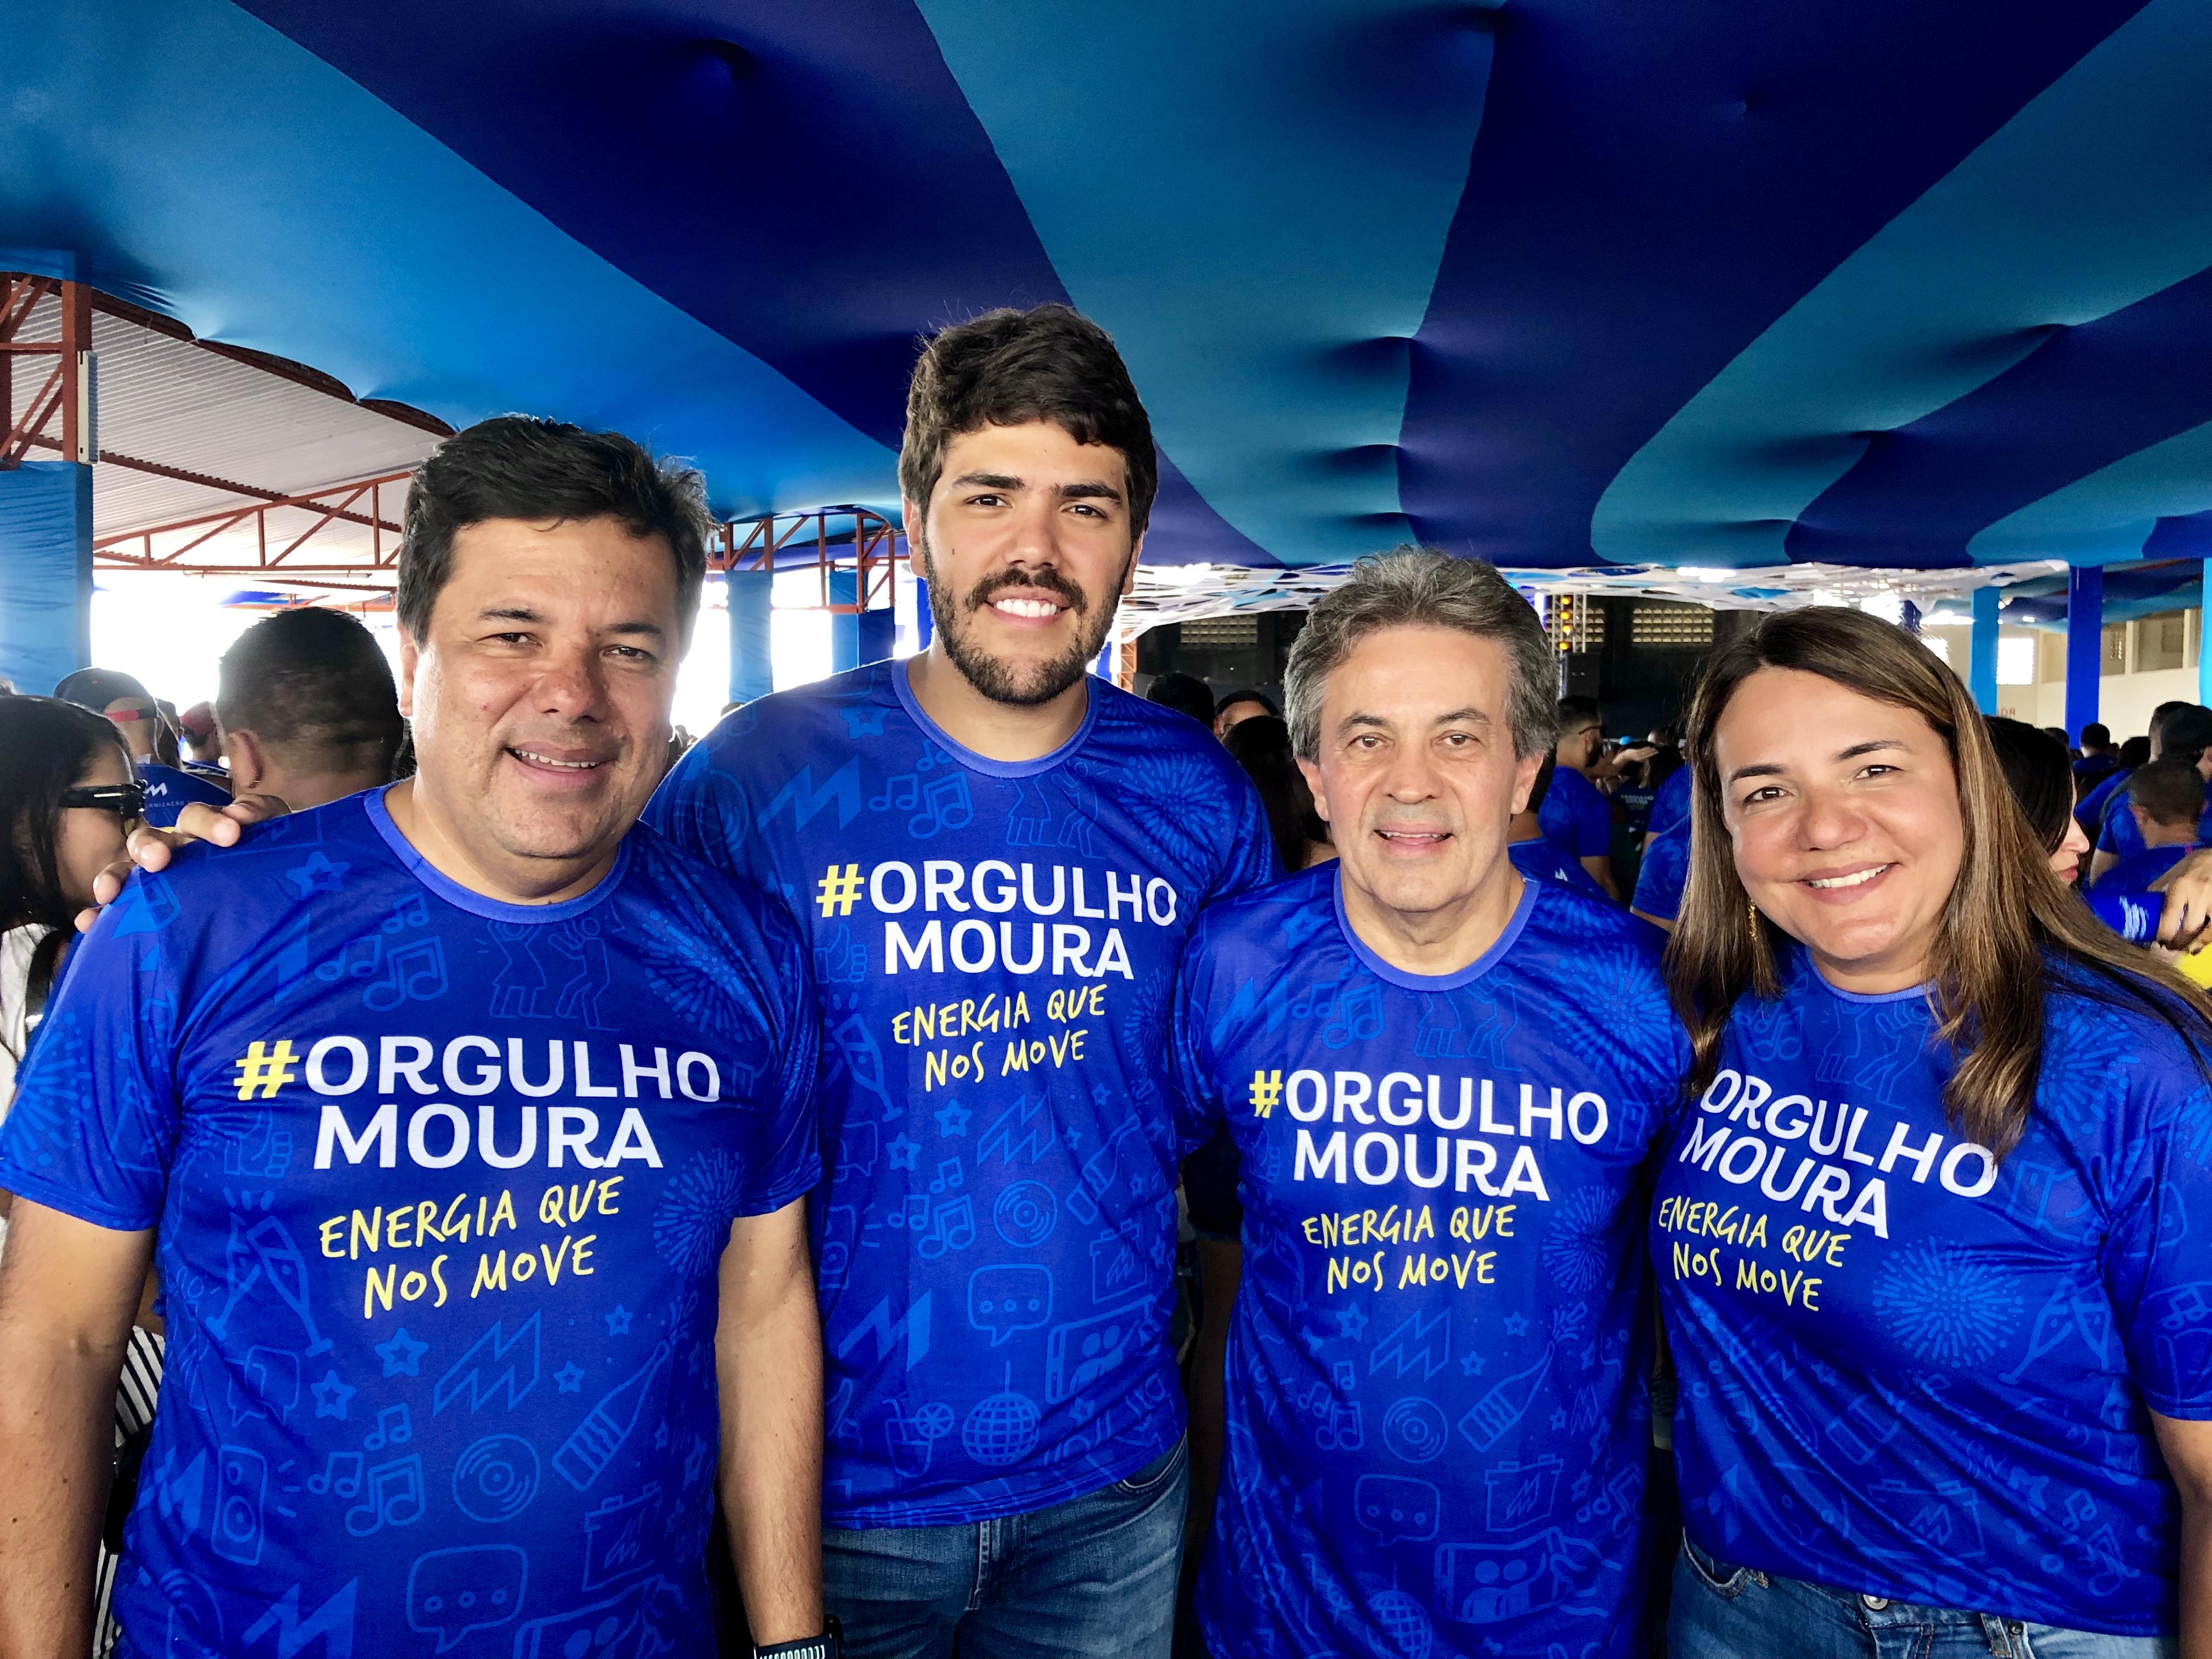 Mendonça Filho prestigia ao lado de colaboradores a confraternização da Moura, em BJ